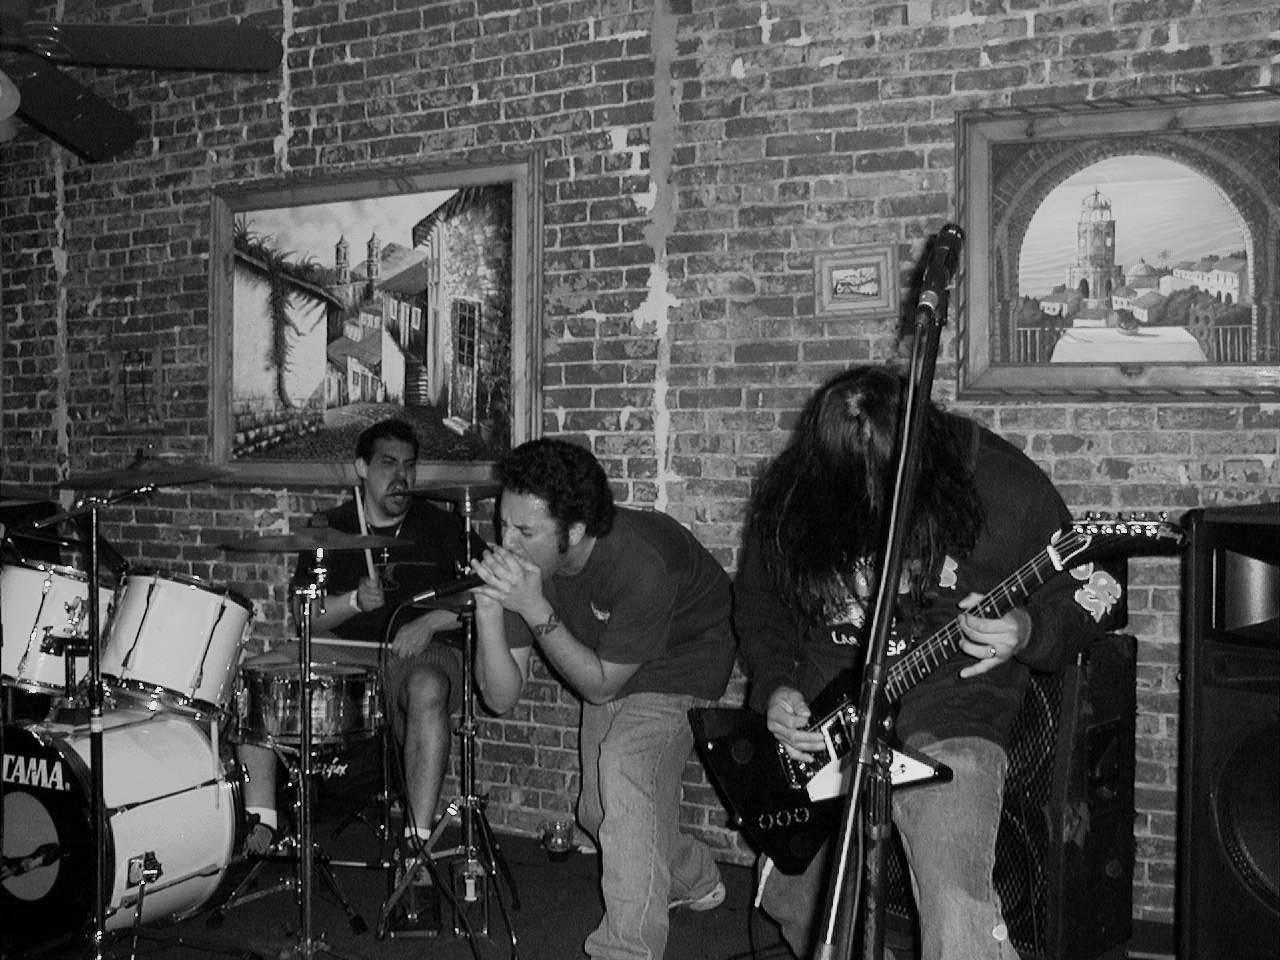 Ciego Kaos performing Live at Taco Nazo in Pomona, CA